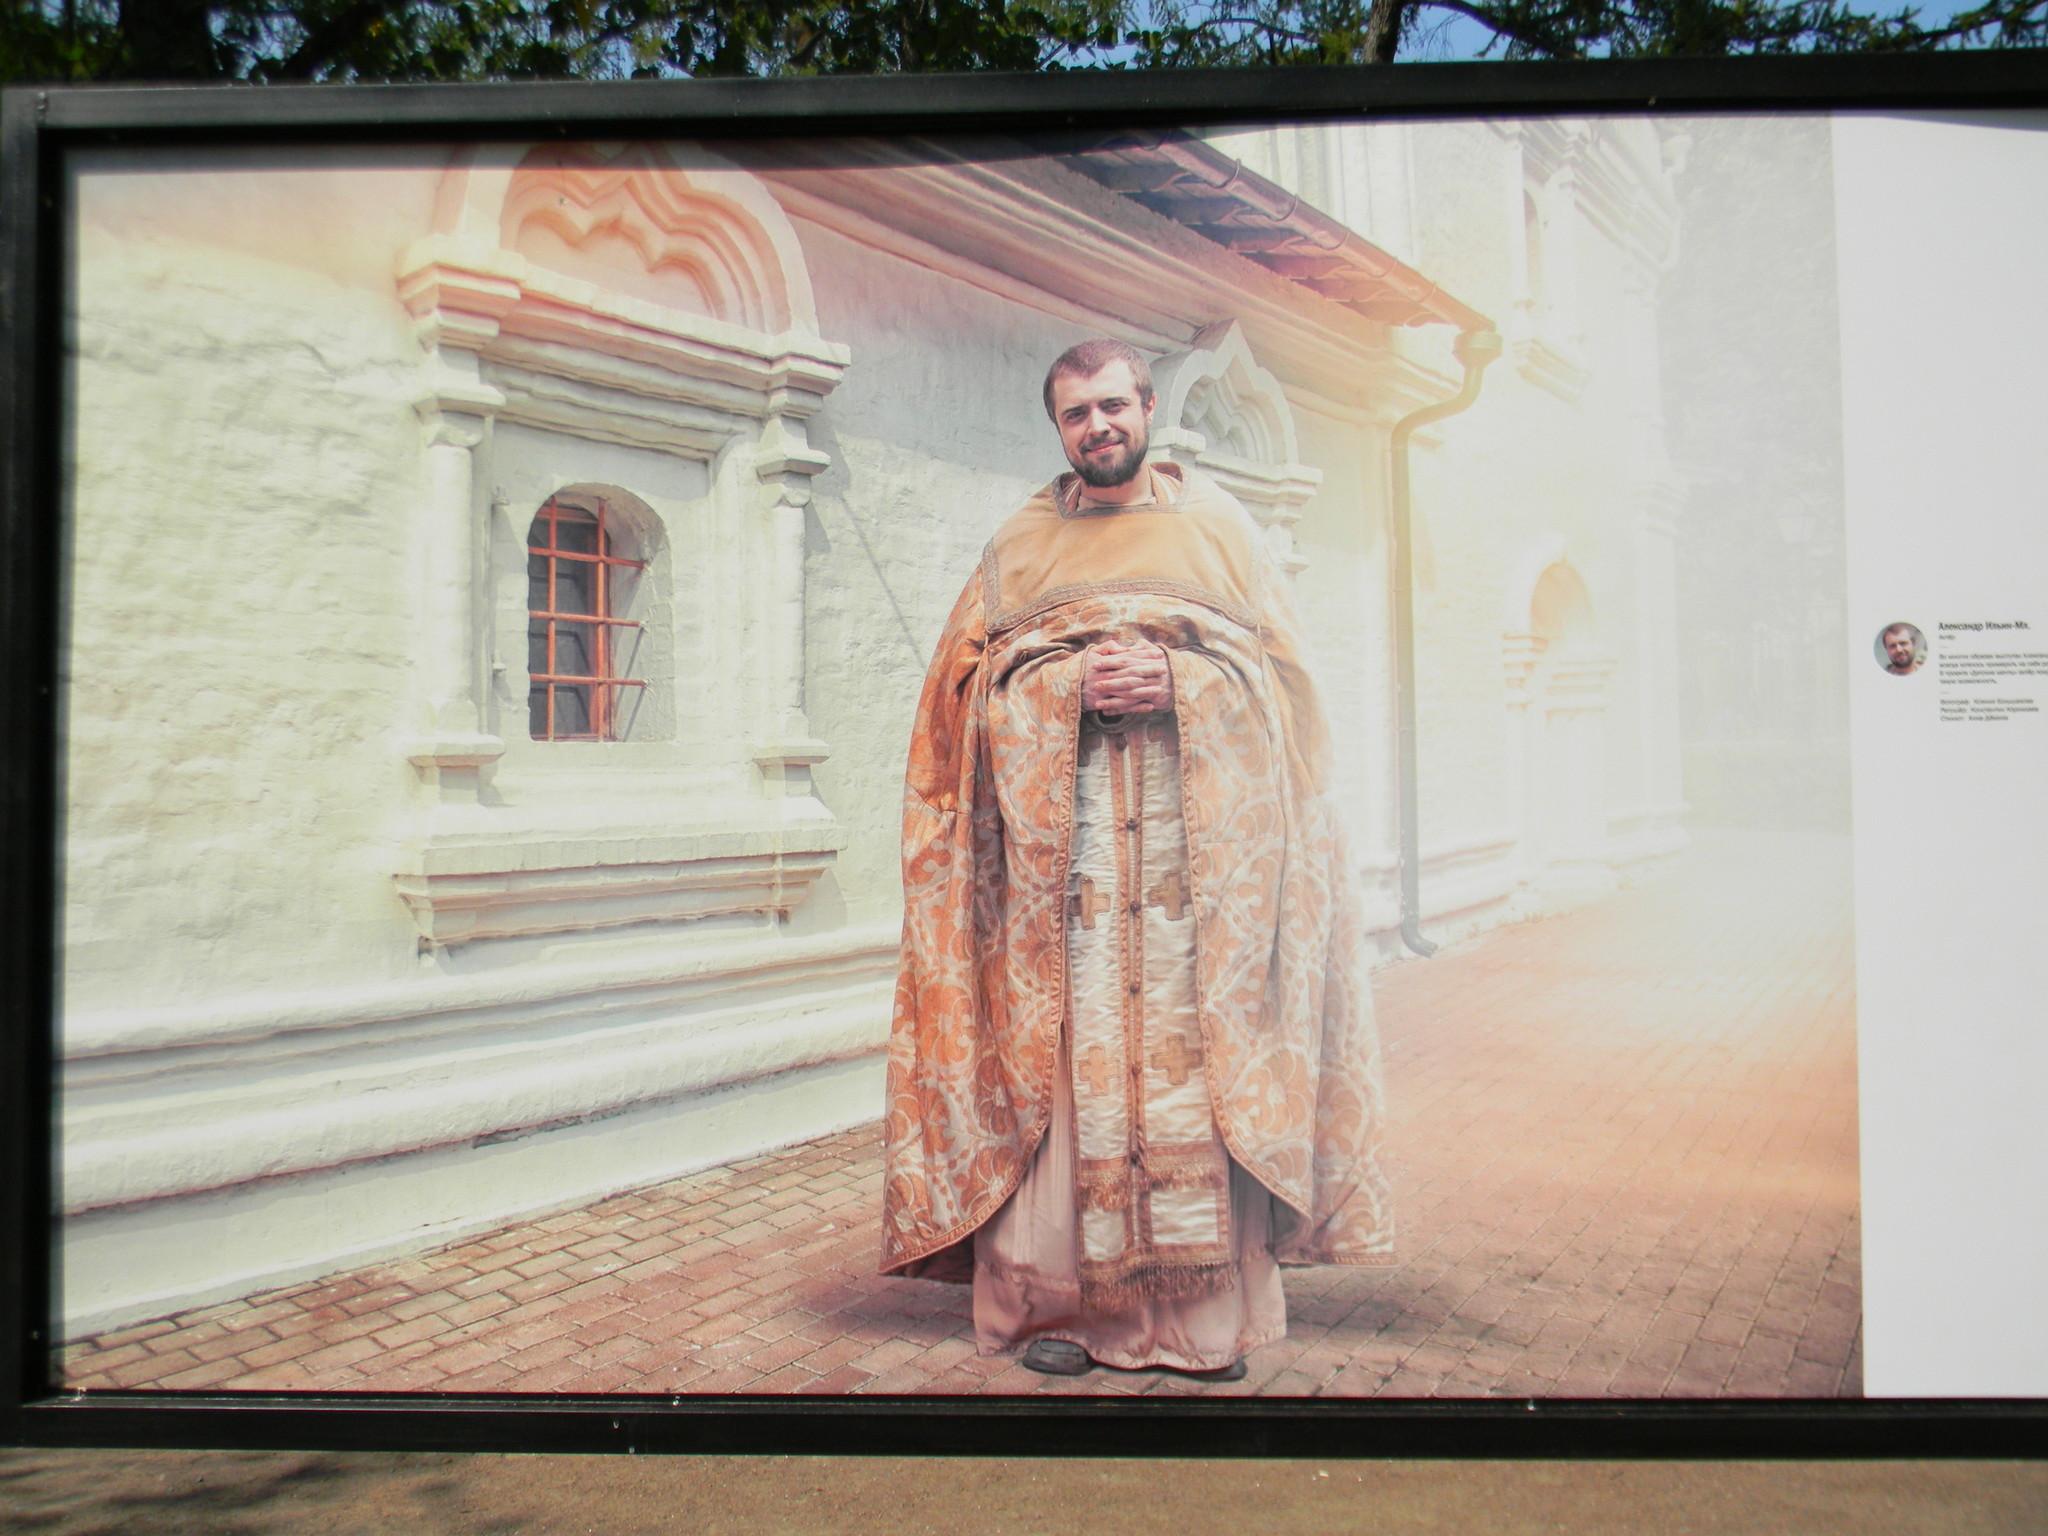 Актёр Александр Ильин-Мл. всегда хотел примерить на себя роль священника. Фотовыставка «Детские мечты» на Тверском бульваре